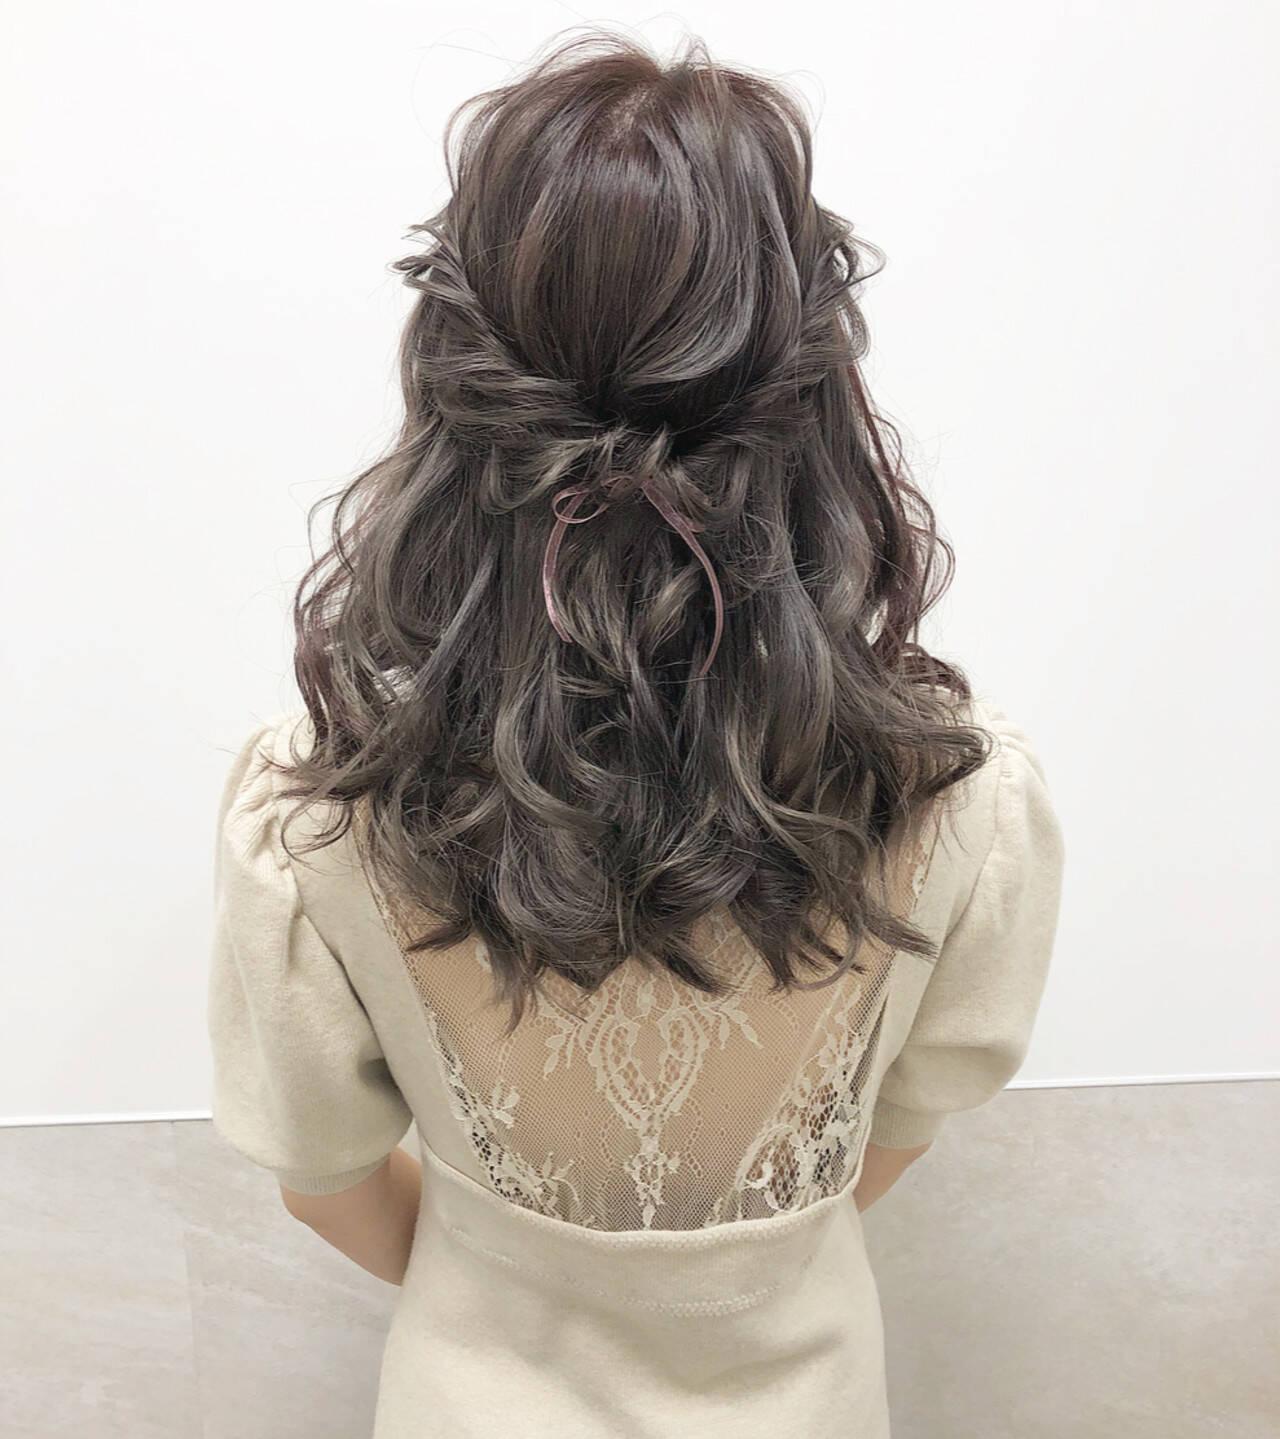 ミルクティーベージュ ヘアアレンジ セミロング ミルクティーヘアスタイルや髪型の写真・画像